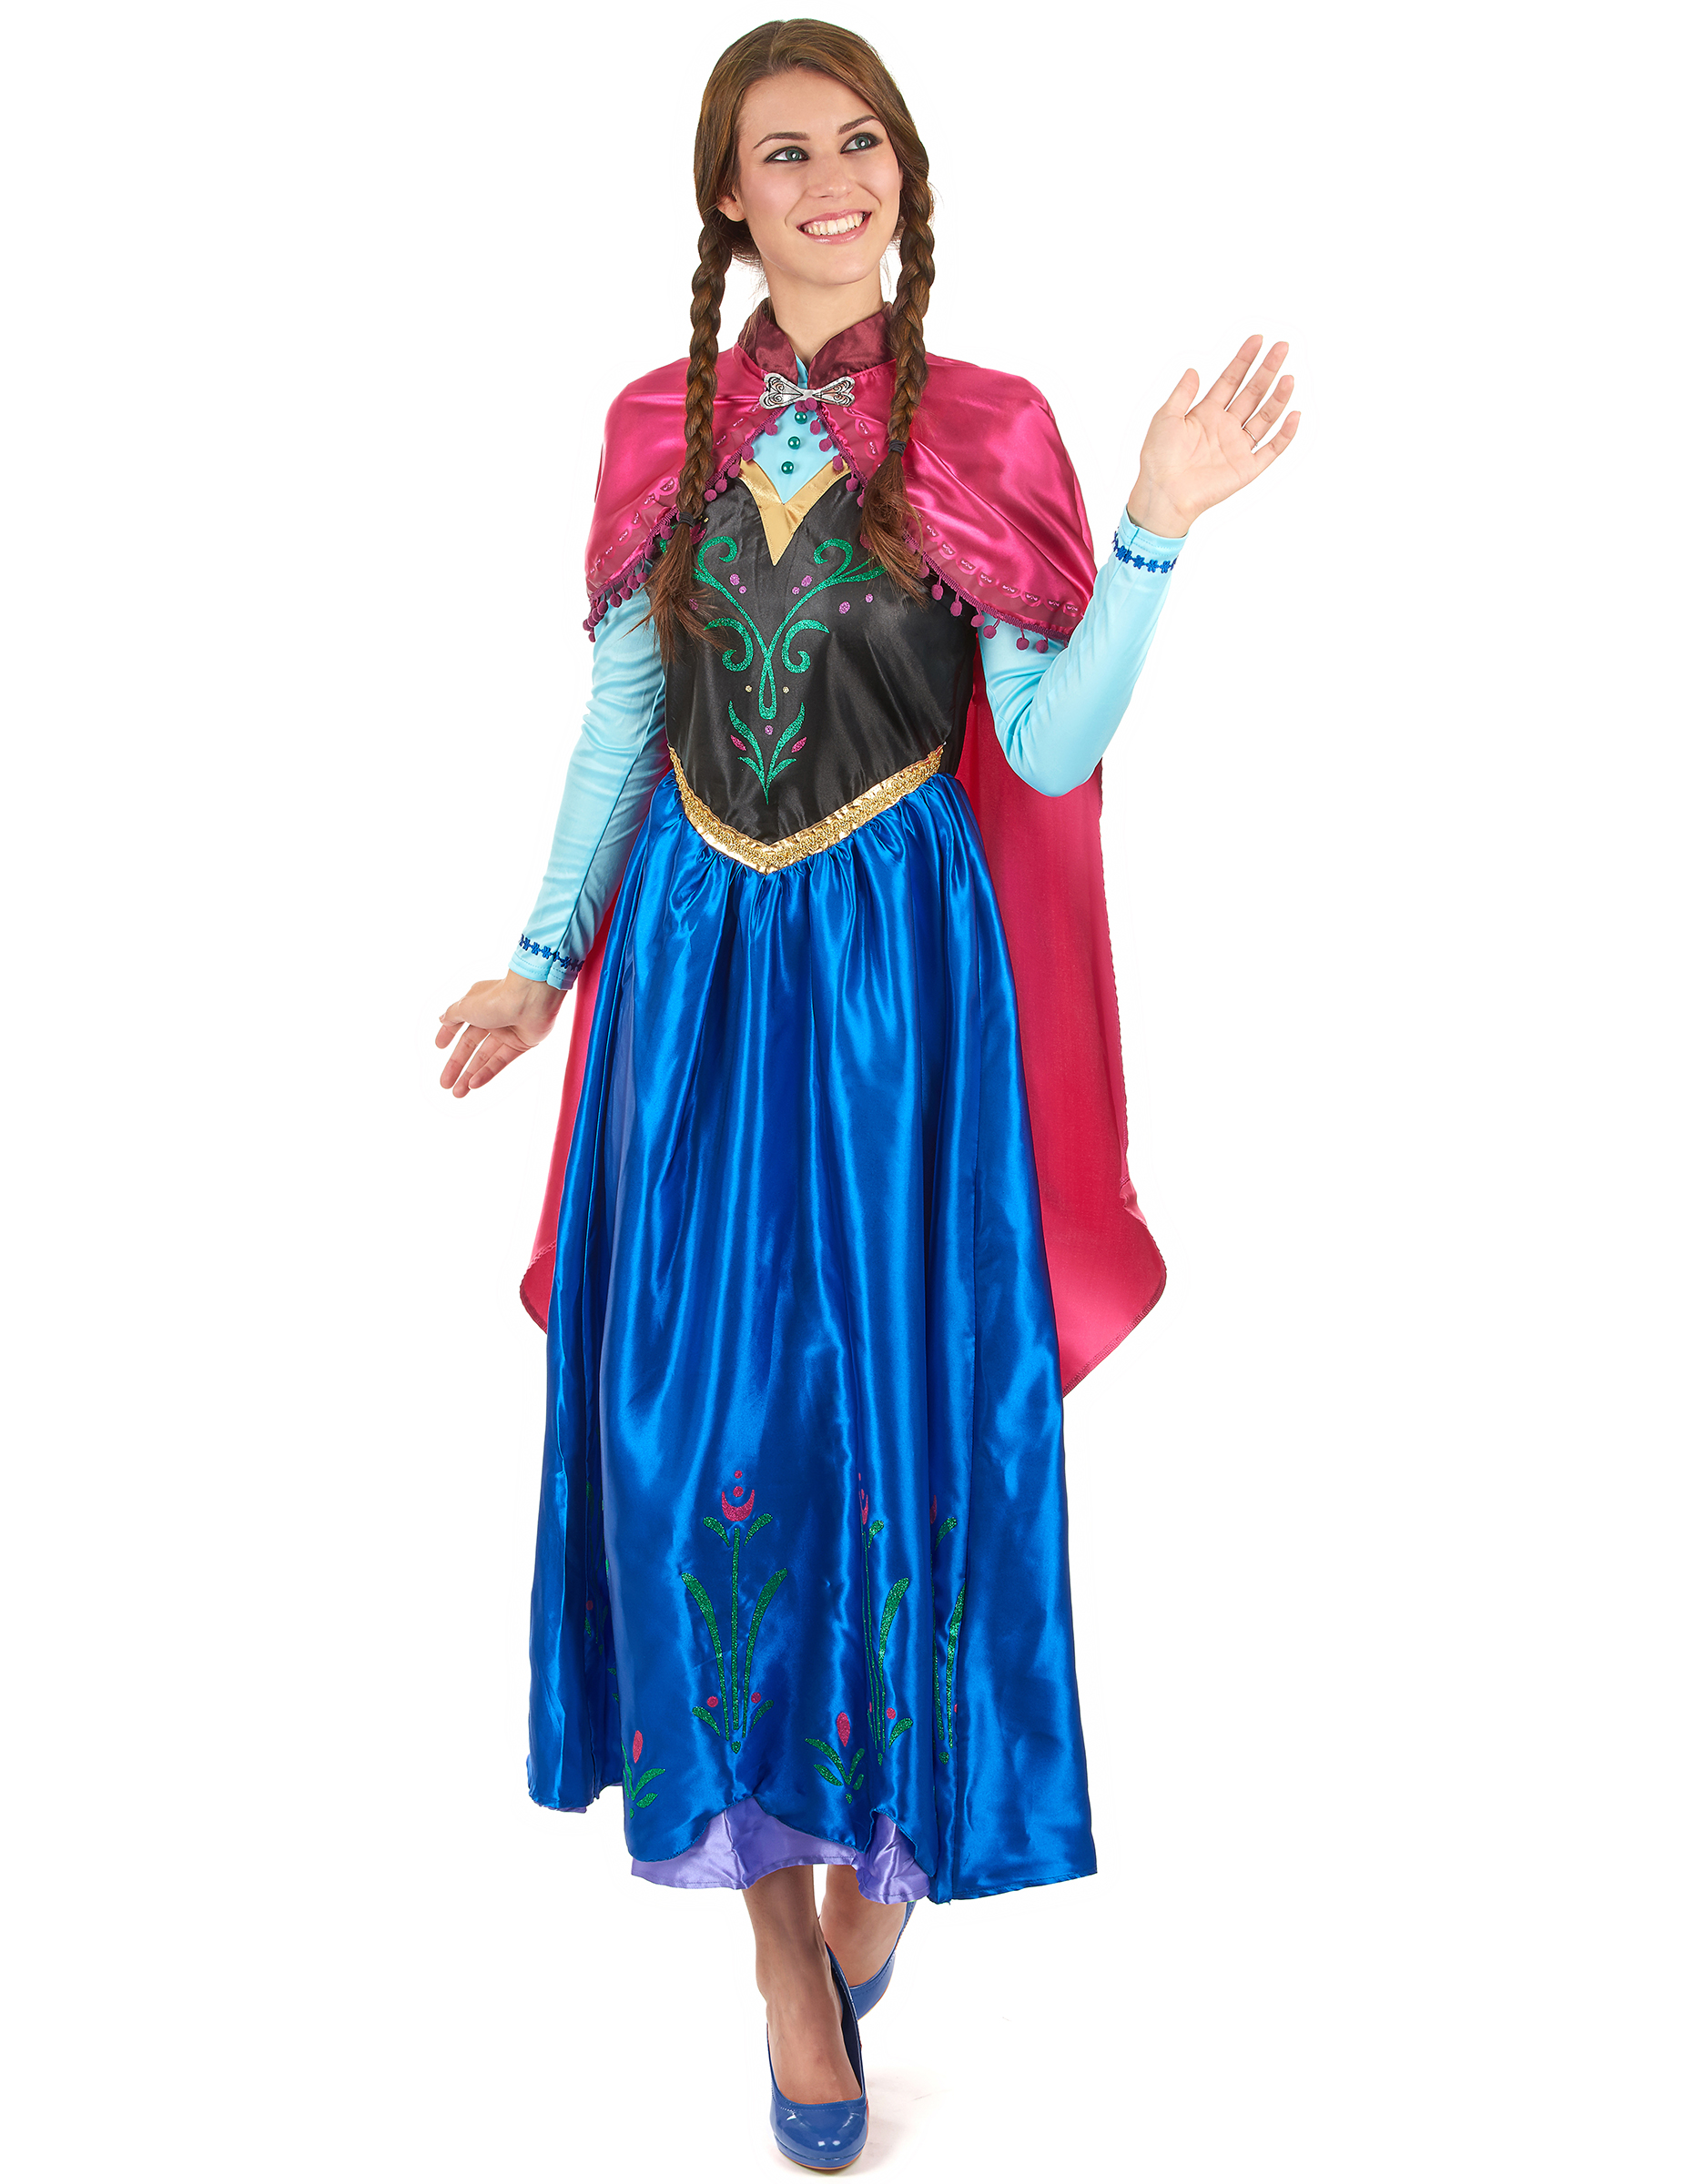 Fynda de snyggaste maskeradkläderna för vuxna från Disney - Vegaoo.se ba8d3c94485fc